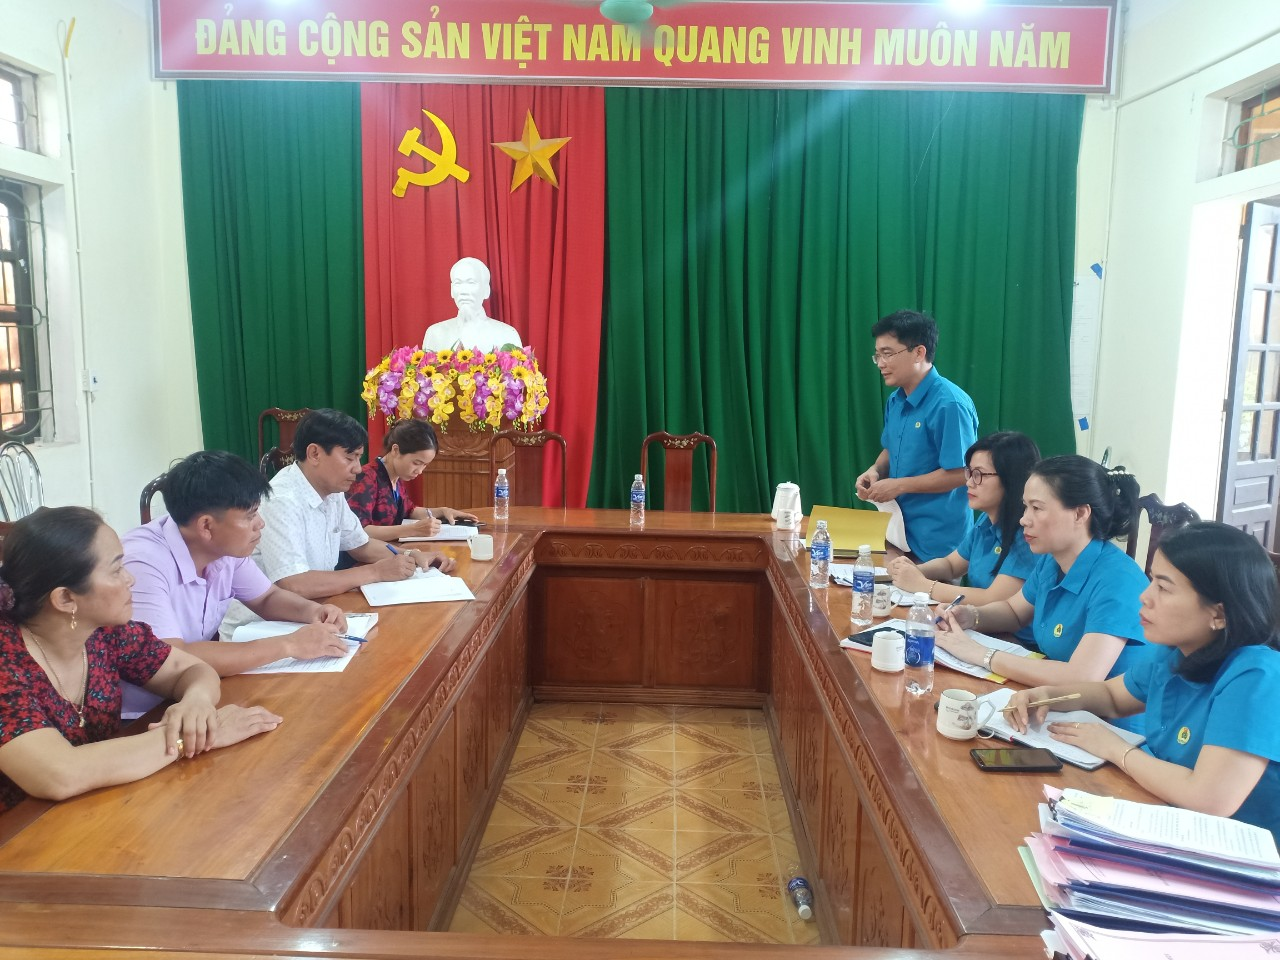 Thạch Hà: Kiểm tra hoạt động công đoàn cơ sở năm 2021